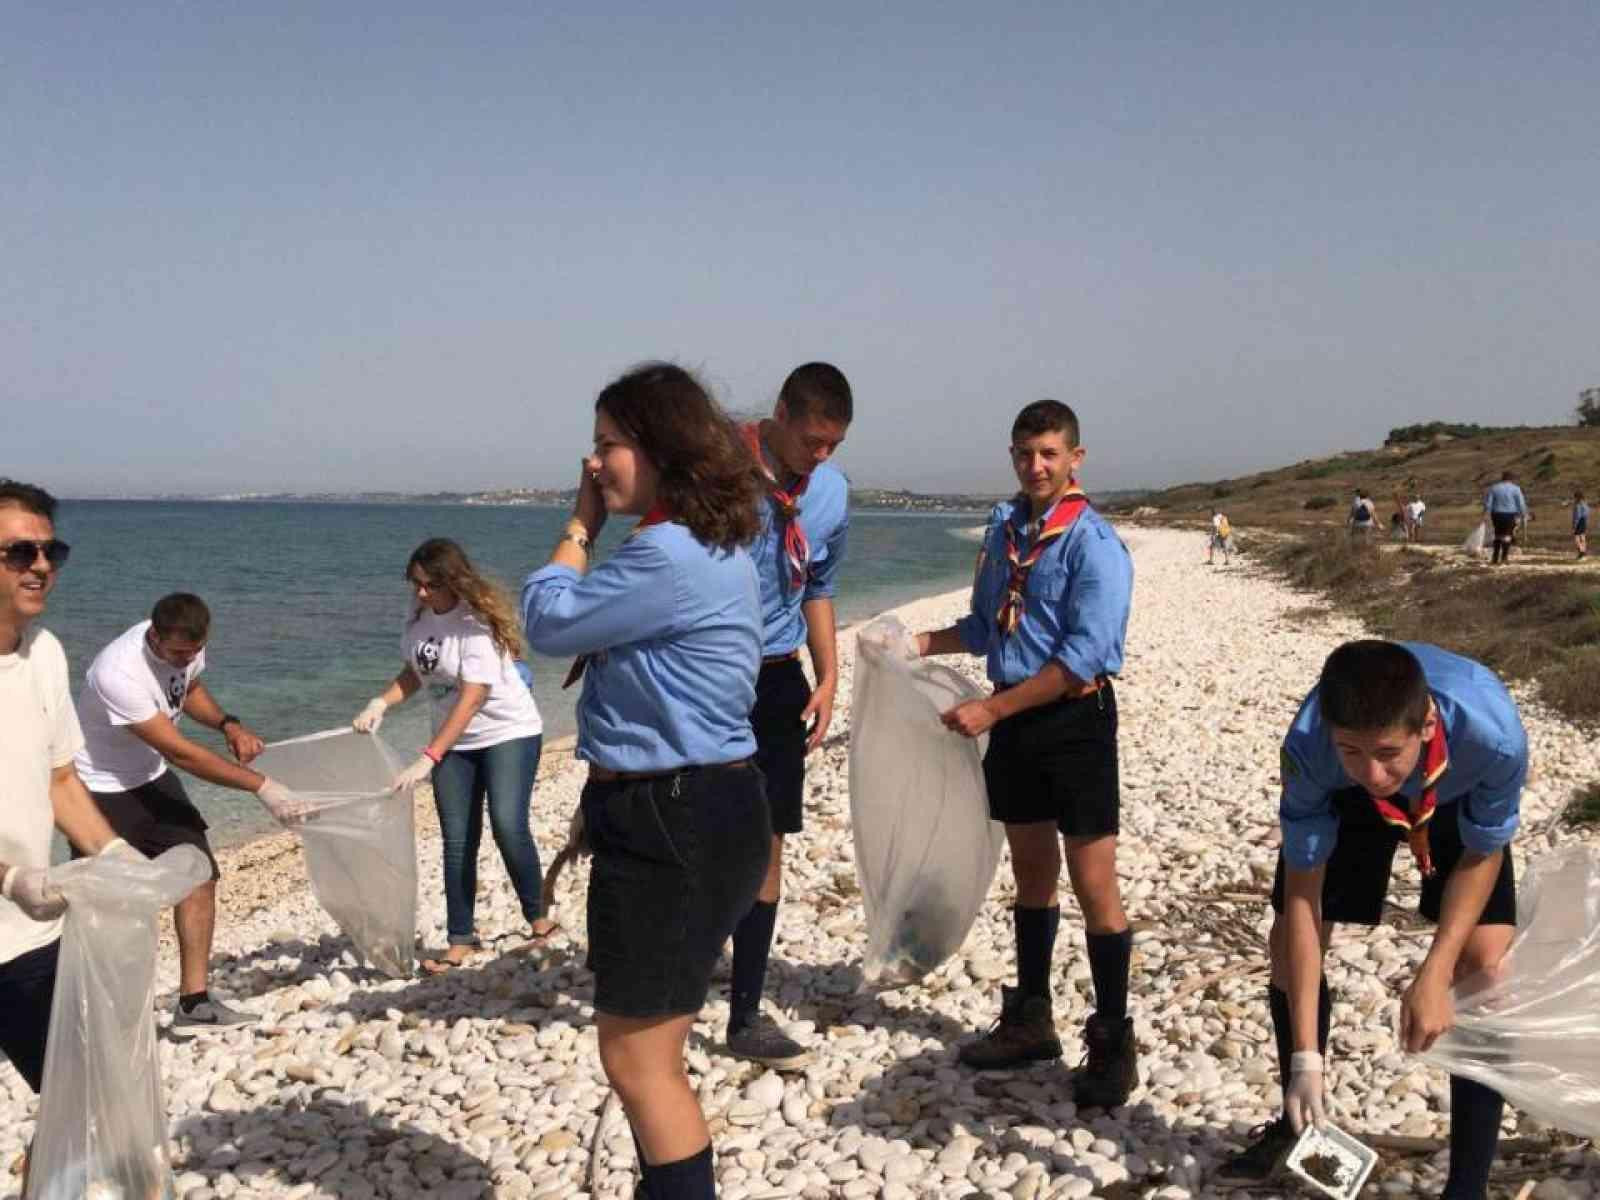 Immagine articolo: Menfi. Giornata ecologica a Bertolino: raccolti oltre cento sacchi di rifiuti sulla spiaggia